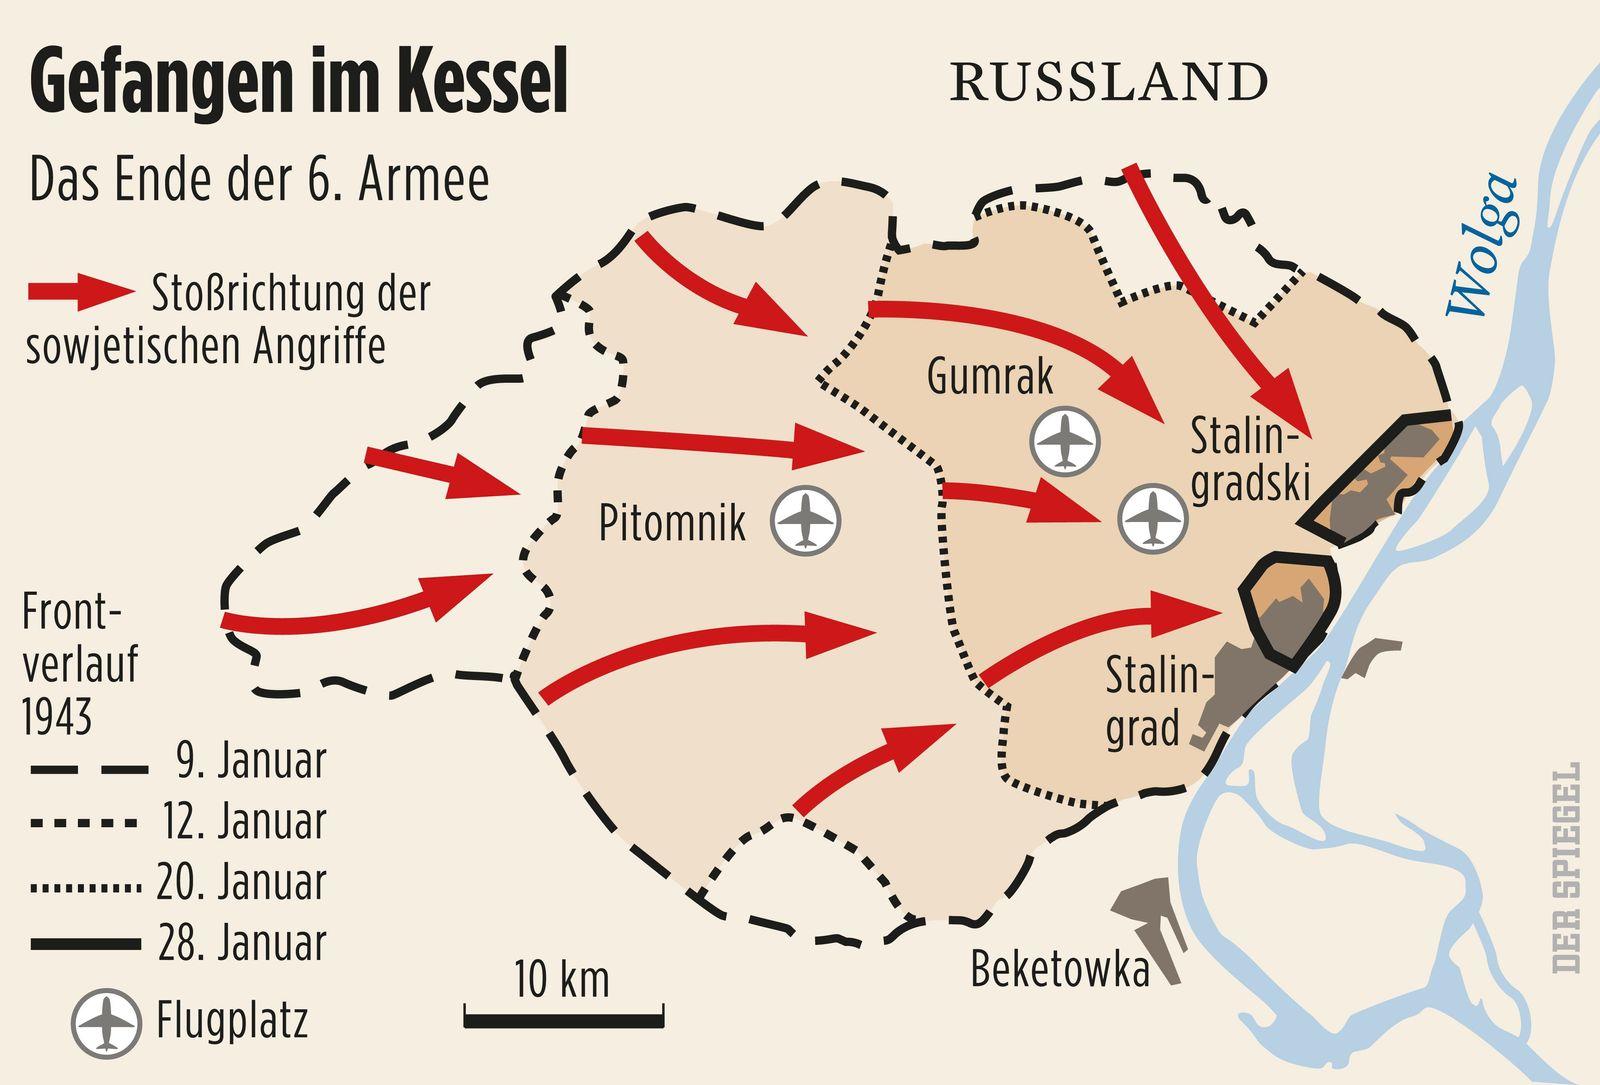 Karte Stalingrad SPIEGEL PLUS SPIEGEL GESCHICHTE 3/2010 S.80